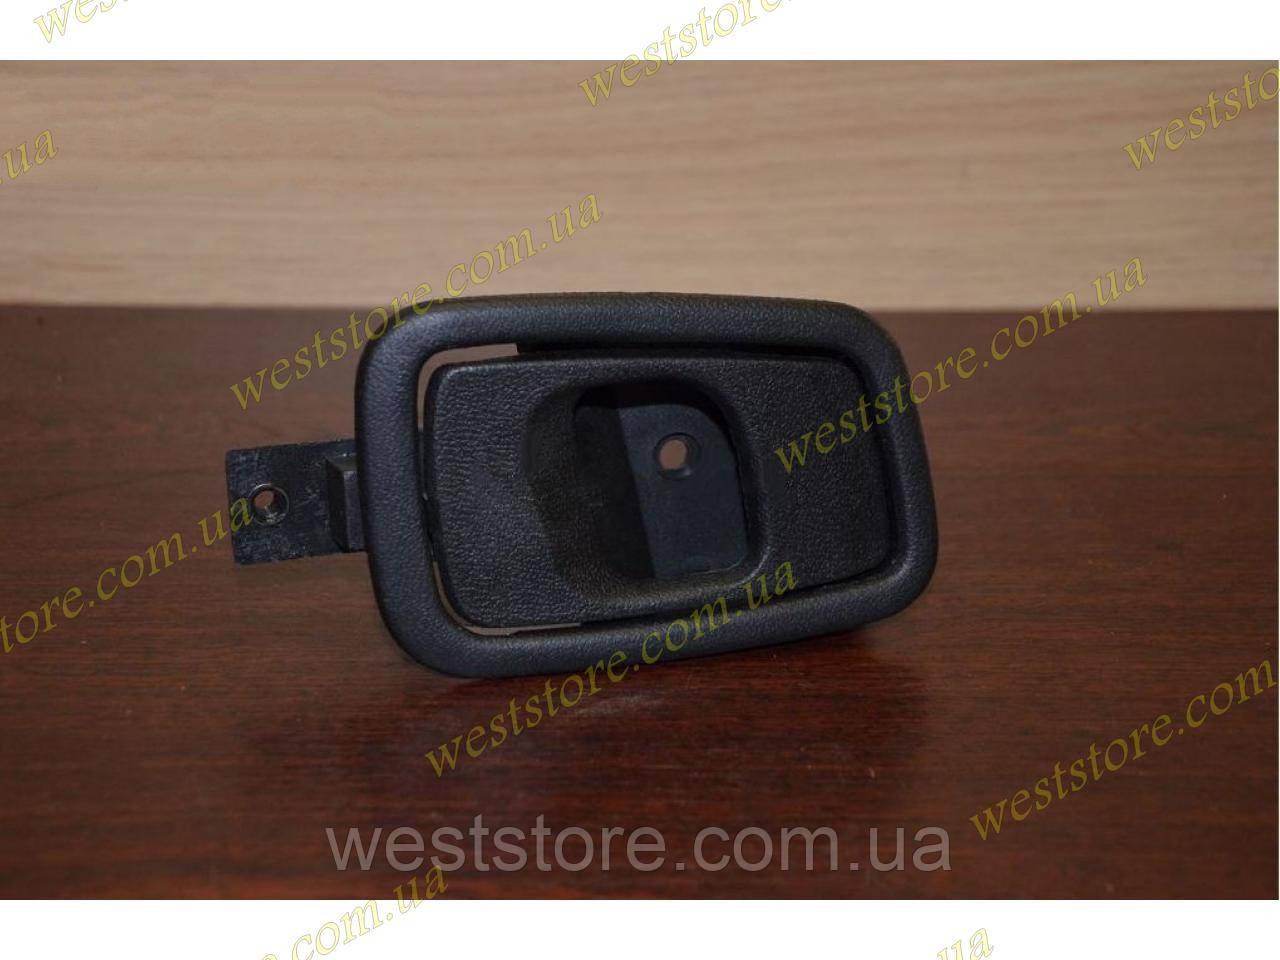 Ручка двері Заз 1103-1105,Славута, 1102 Таврія Пікап внутрішня передня ліва з облицюванням АвтоЗАЗ